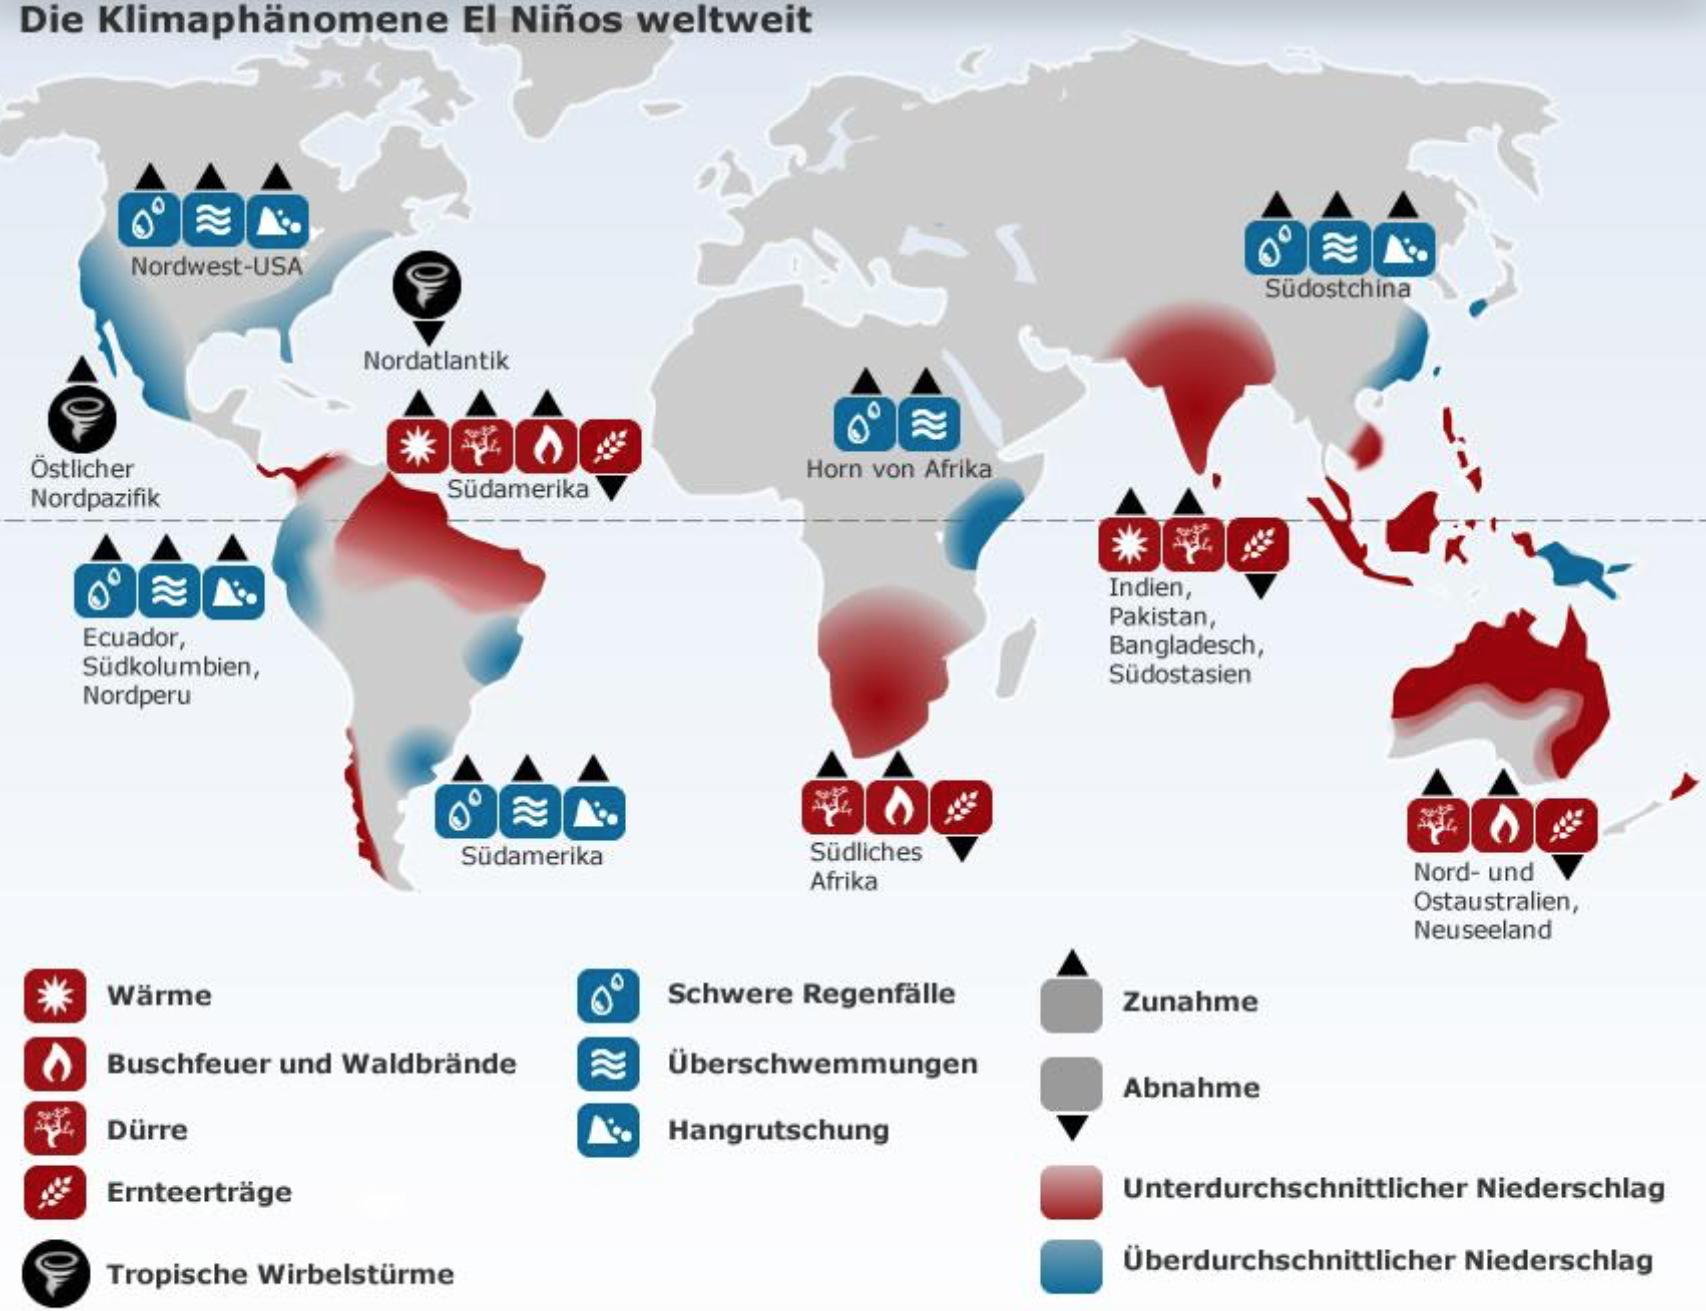 Viele Teiler der Welt sind von El Niño betroffen